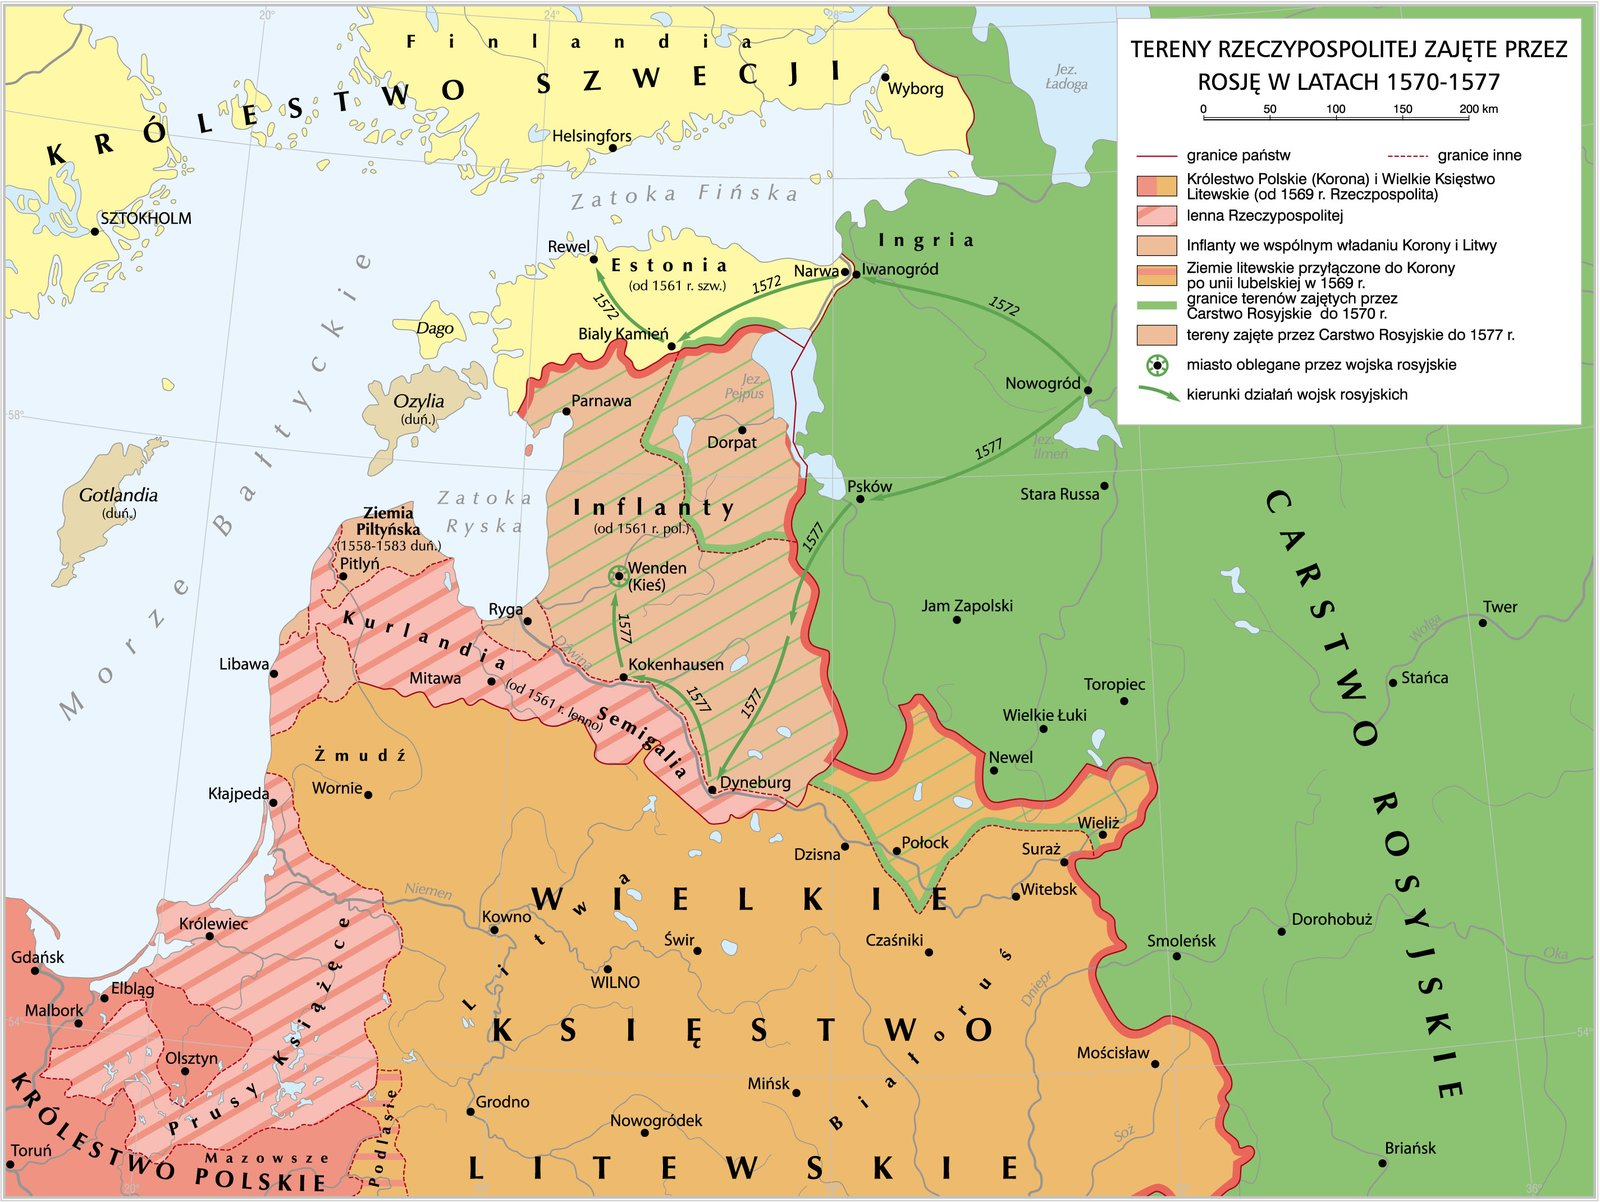 Tereny zajęte przez Rosję wlatach 1570-1577 Tereny zajęte przez Rosję wlatach 1570-1577 Źródło: Krystian Chariza izespół, licencja: CC BY 4.0.